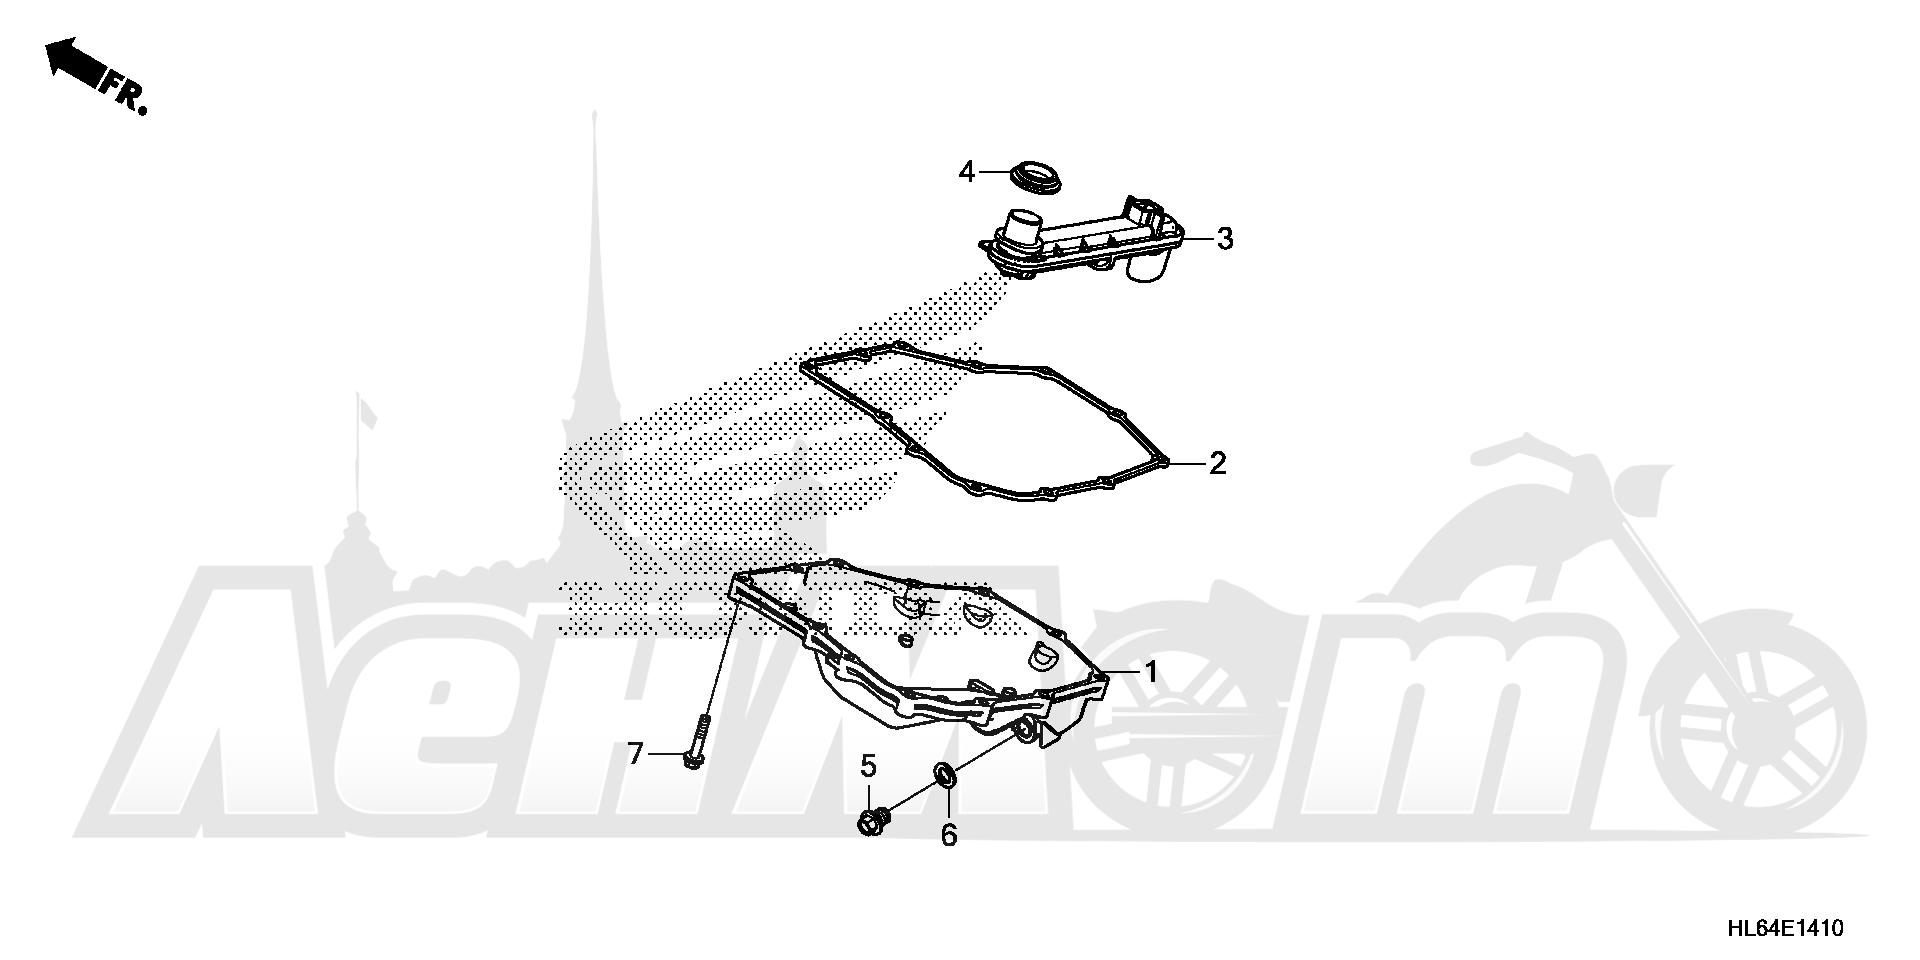 Запчасти для Квадроцикла Honda 2019 SXS1000S2R Раздел: OIL PAN | маслянный поддон